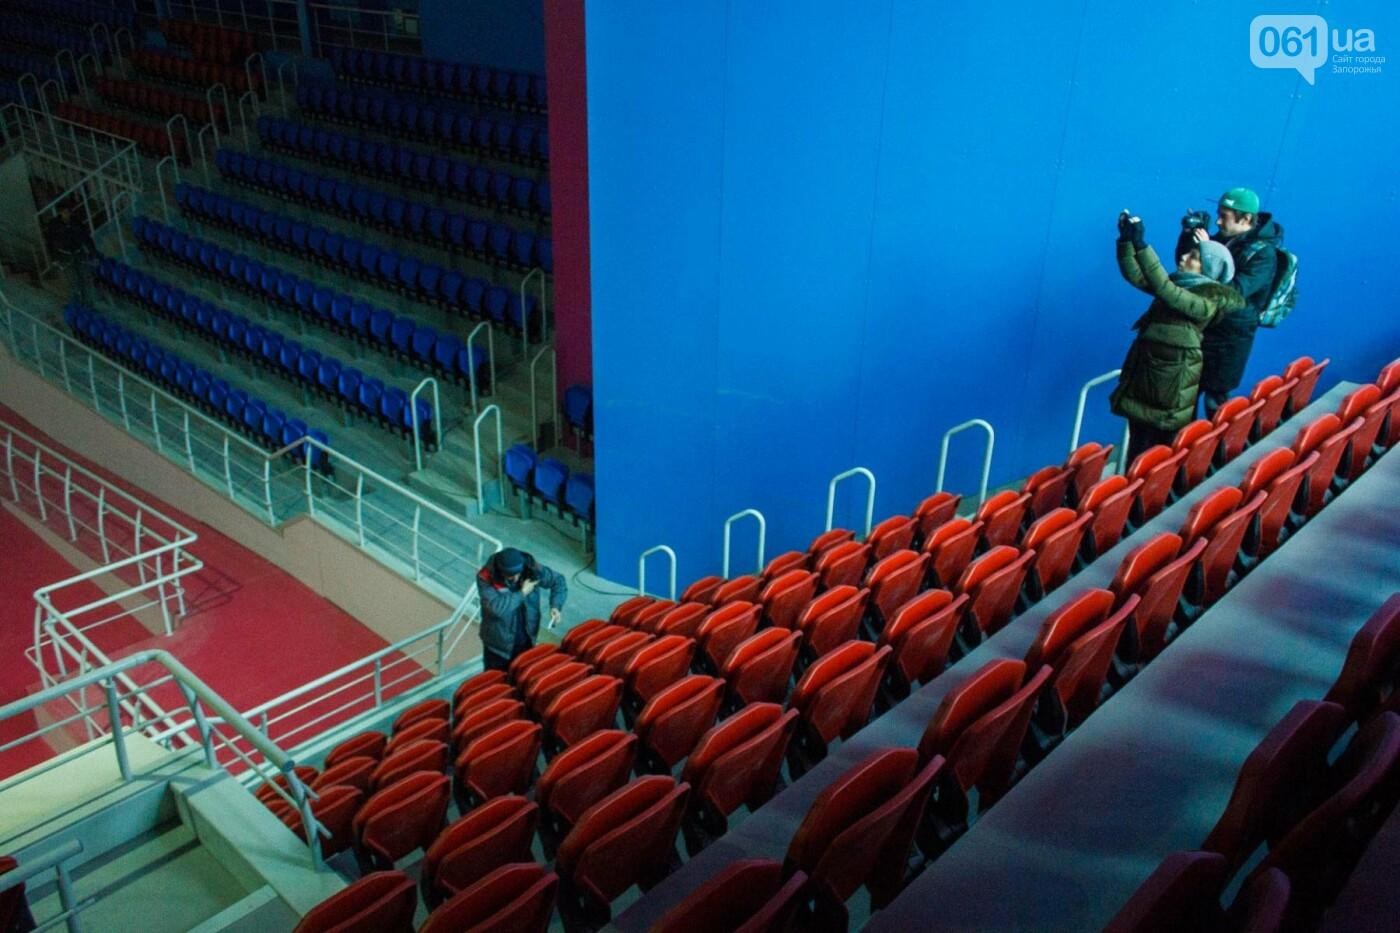 """В Запорожье подходит к концу реконструкция """"Юности"""": что сделали за 11 месяцев работы, — ФОТОРЕПОРТАЖ, фото-4"""